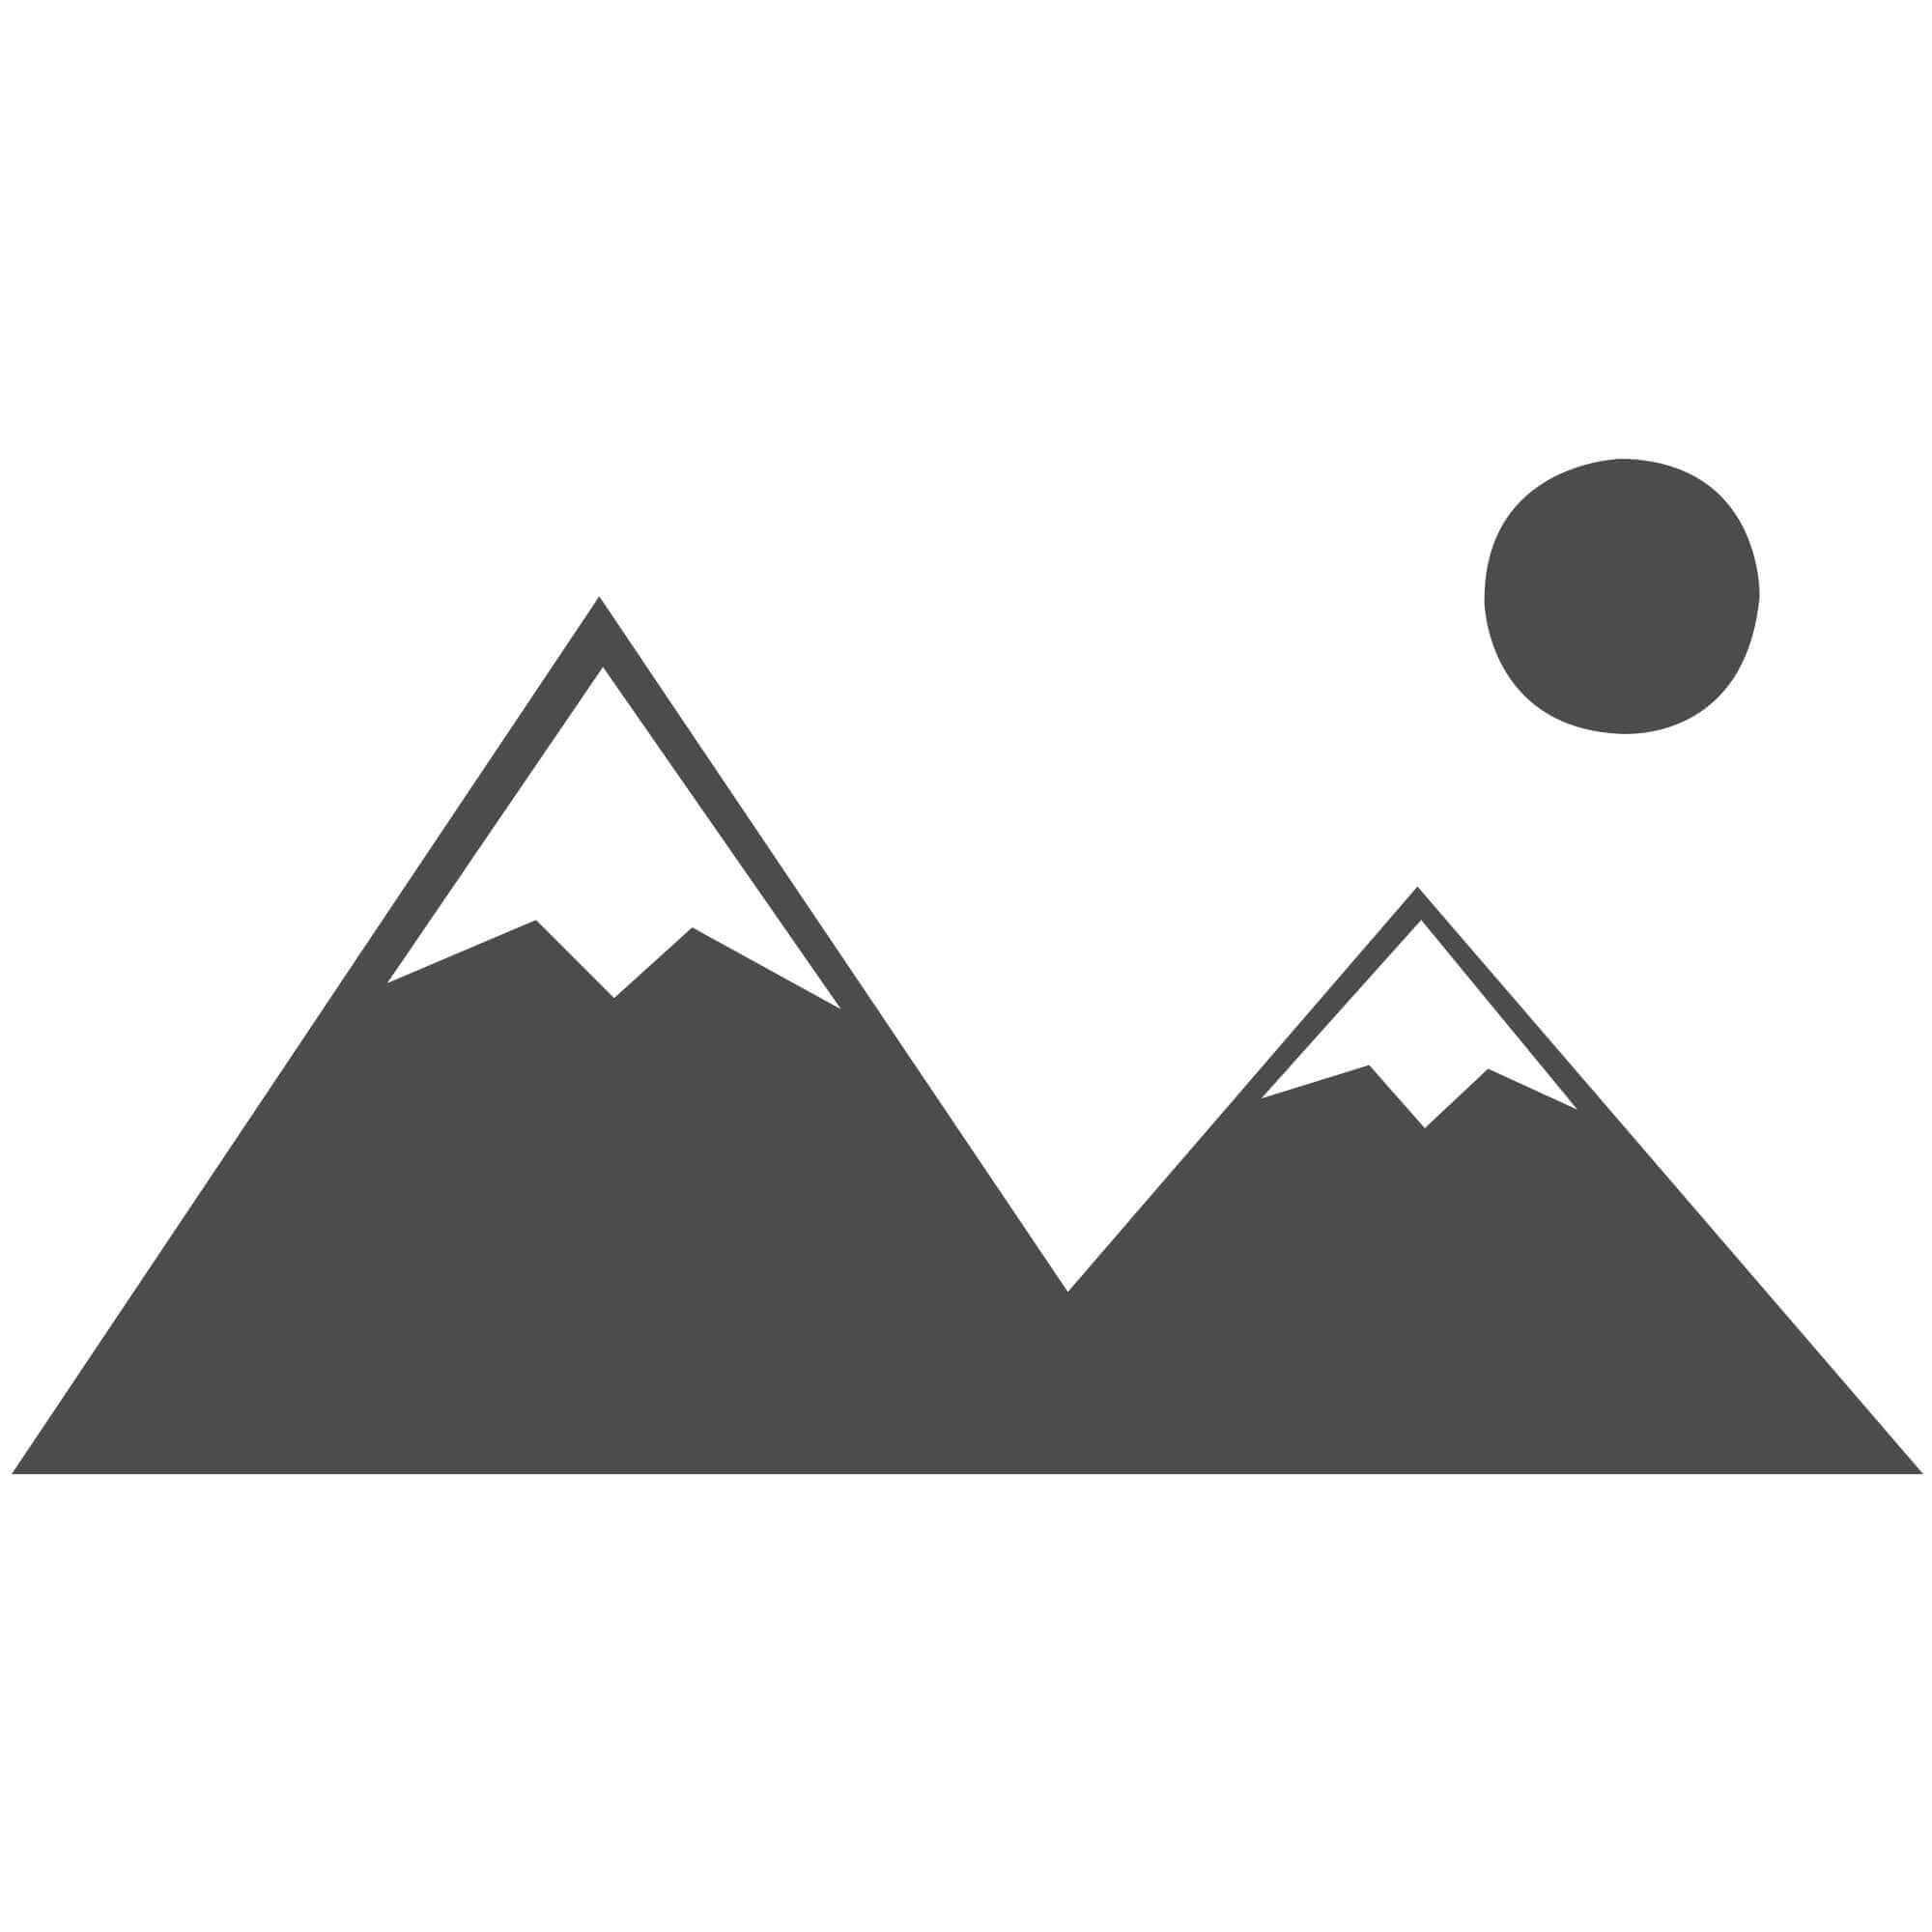 """Velvet 3D Diamonds Rug - Silver Ochre - Size 120 x 170 cm (4' x 5'7"""")"""